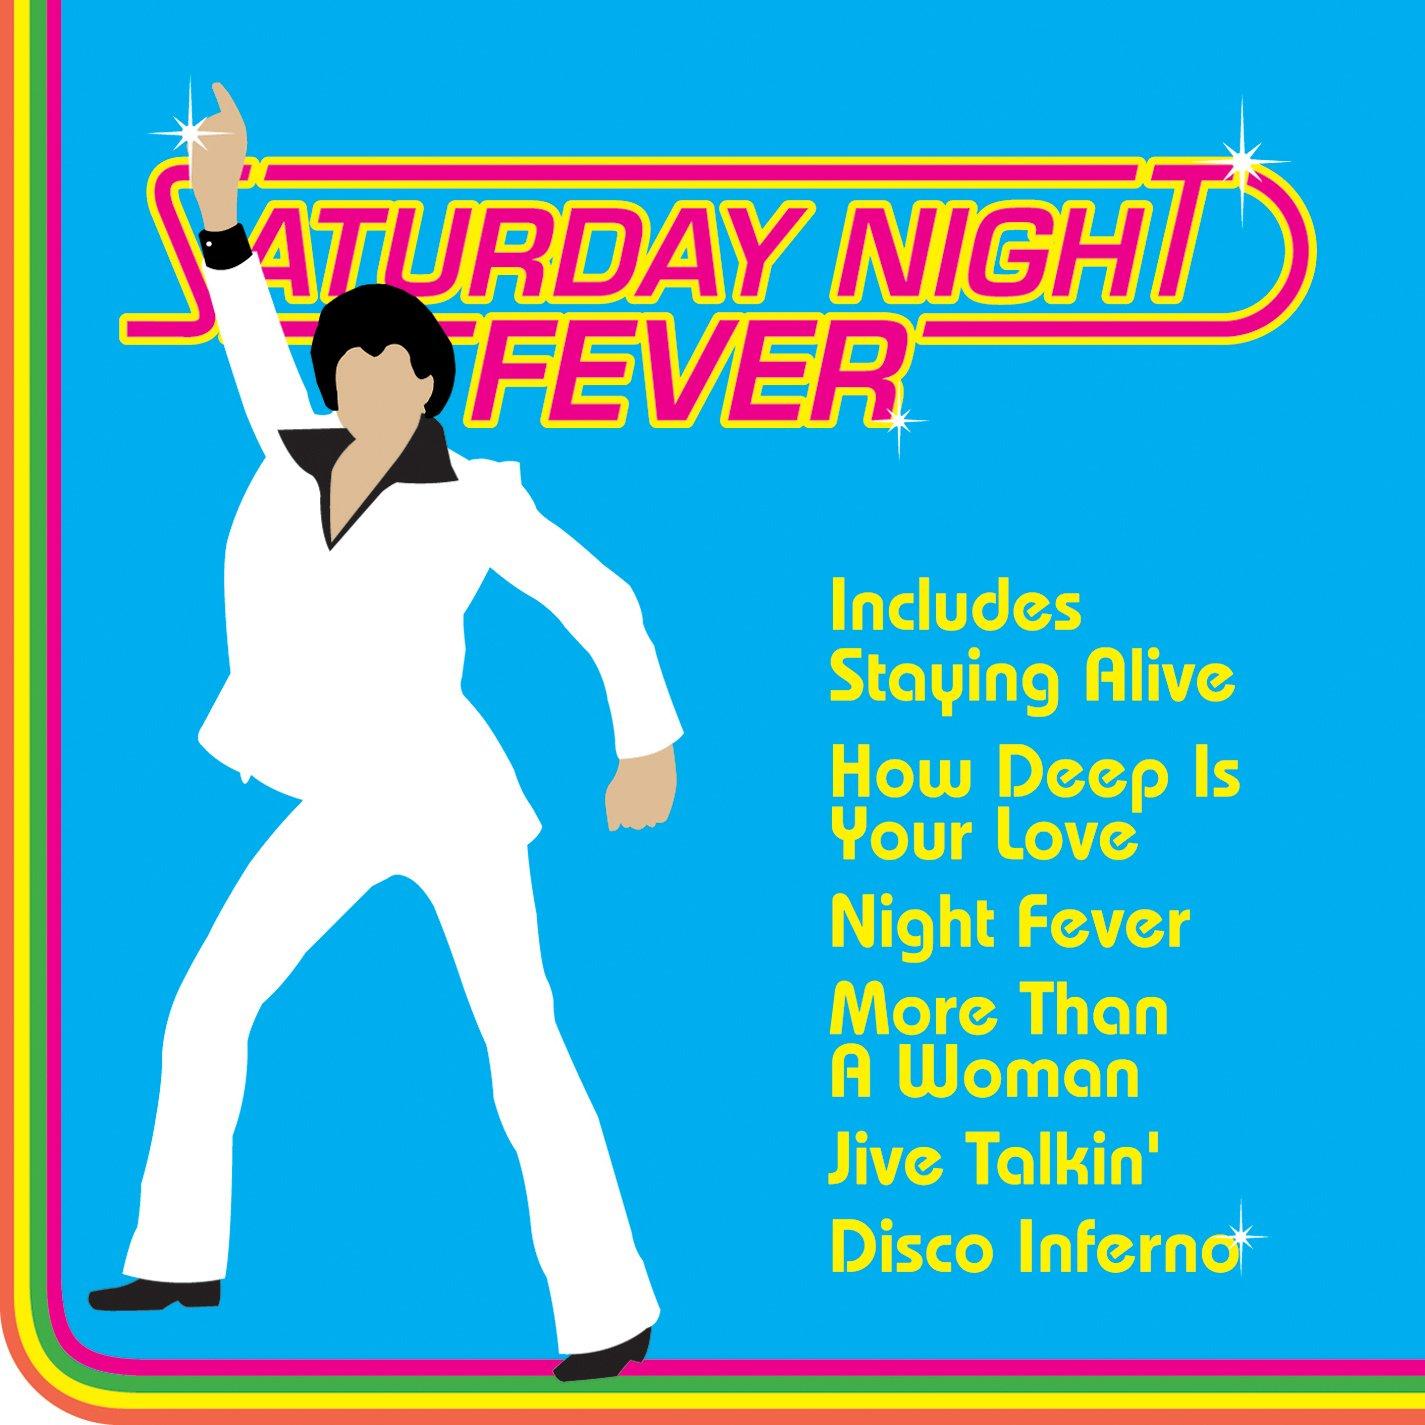 Utorrent En Español Descargar Saturday Night Fever La Templanza Epub Gratis